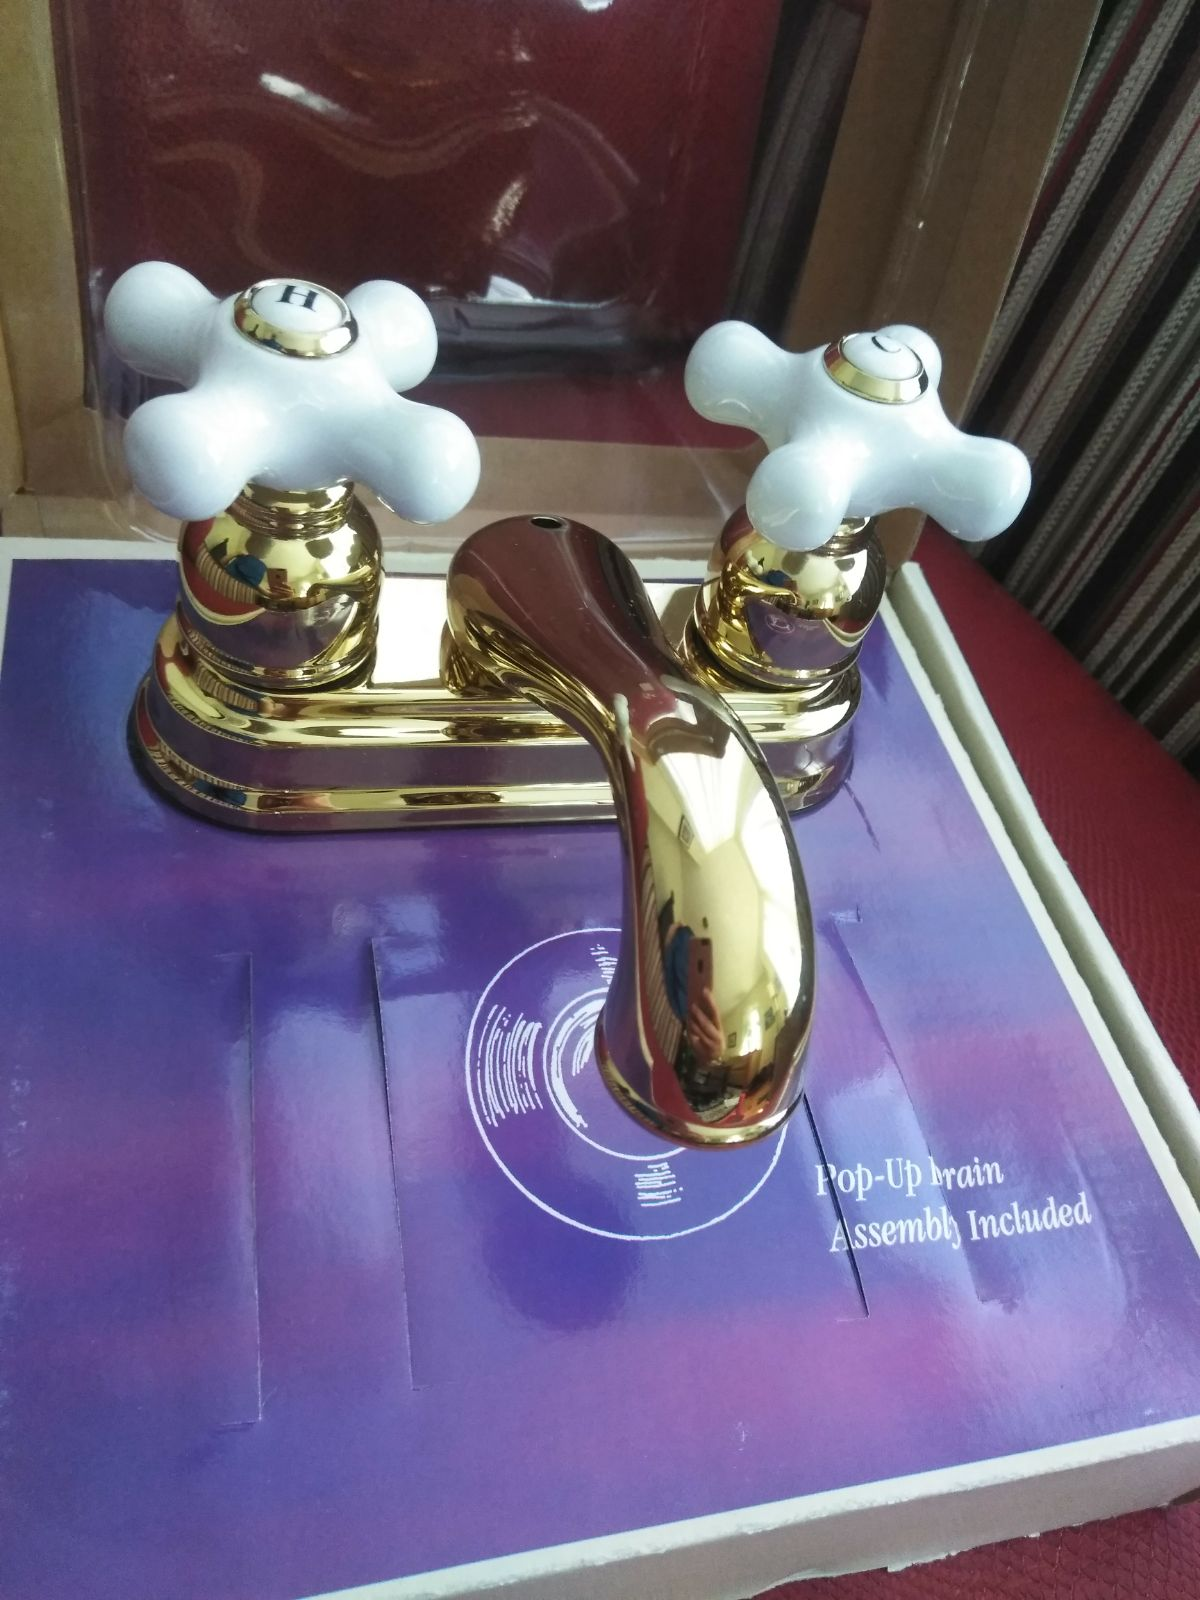 Exquisite bath faucet